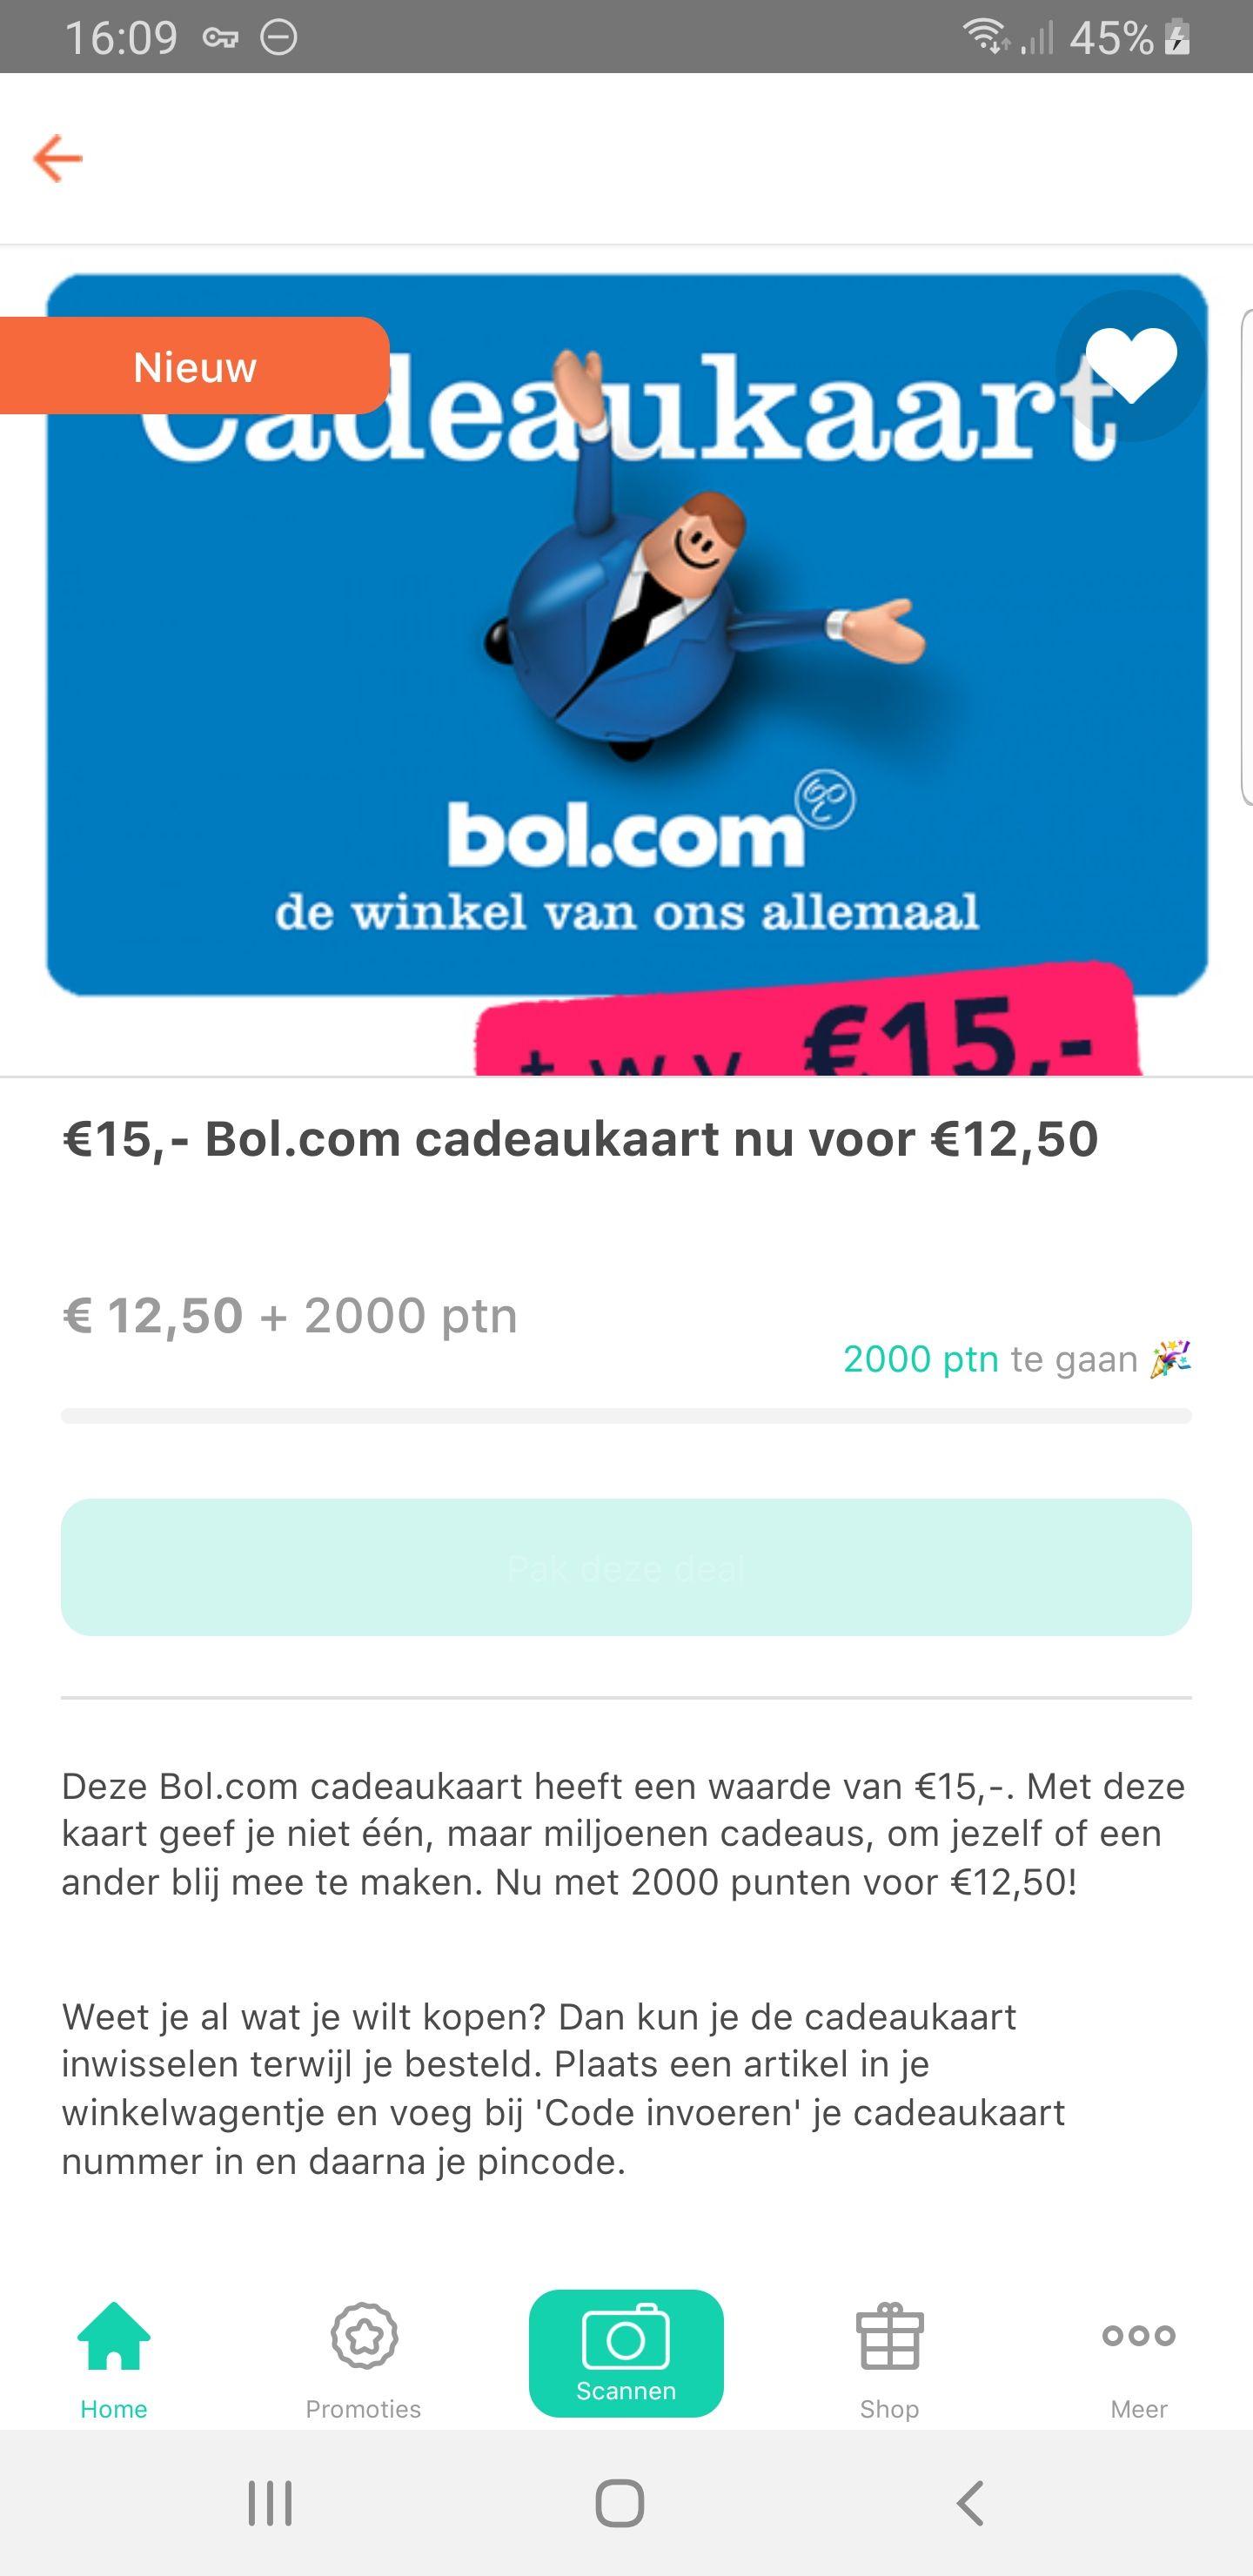 € 15,- Bol.com Cadeaubon voor € 12,50 en 2000 punten in Tessa App